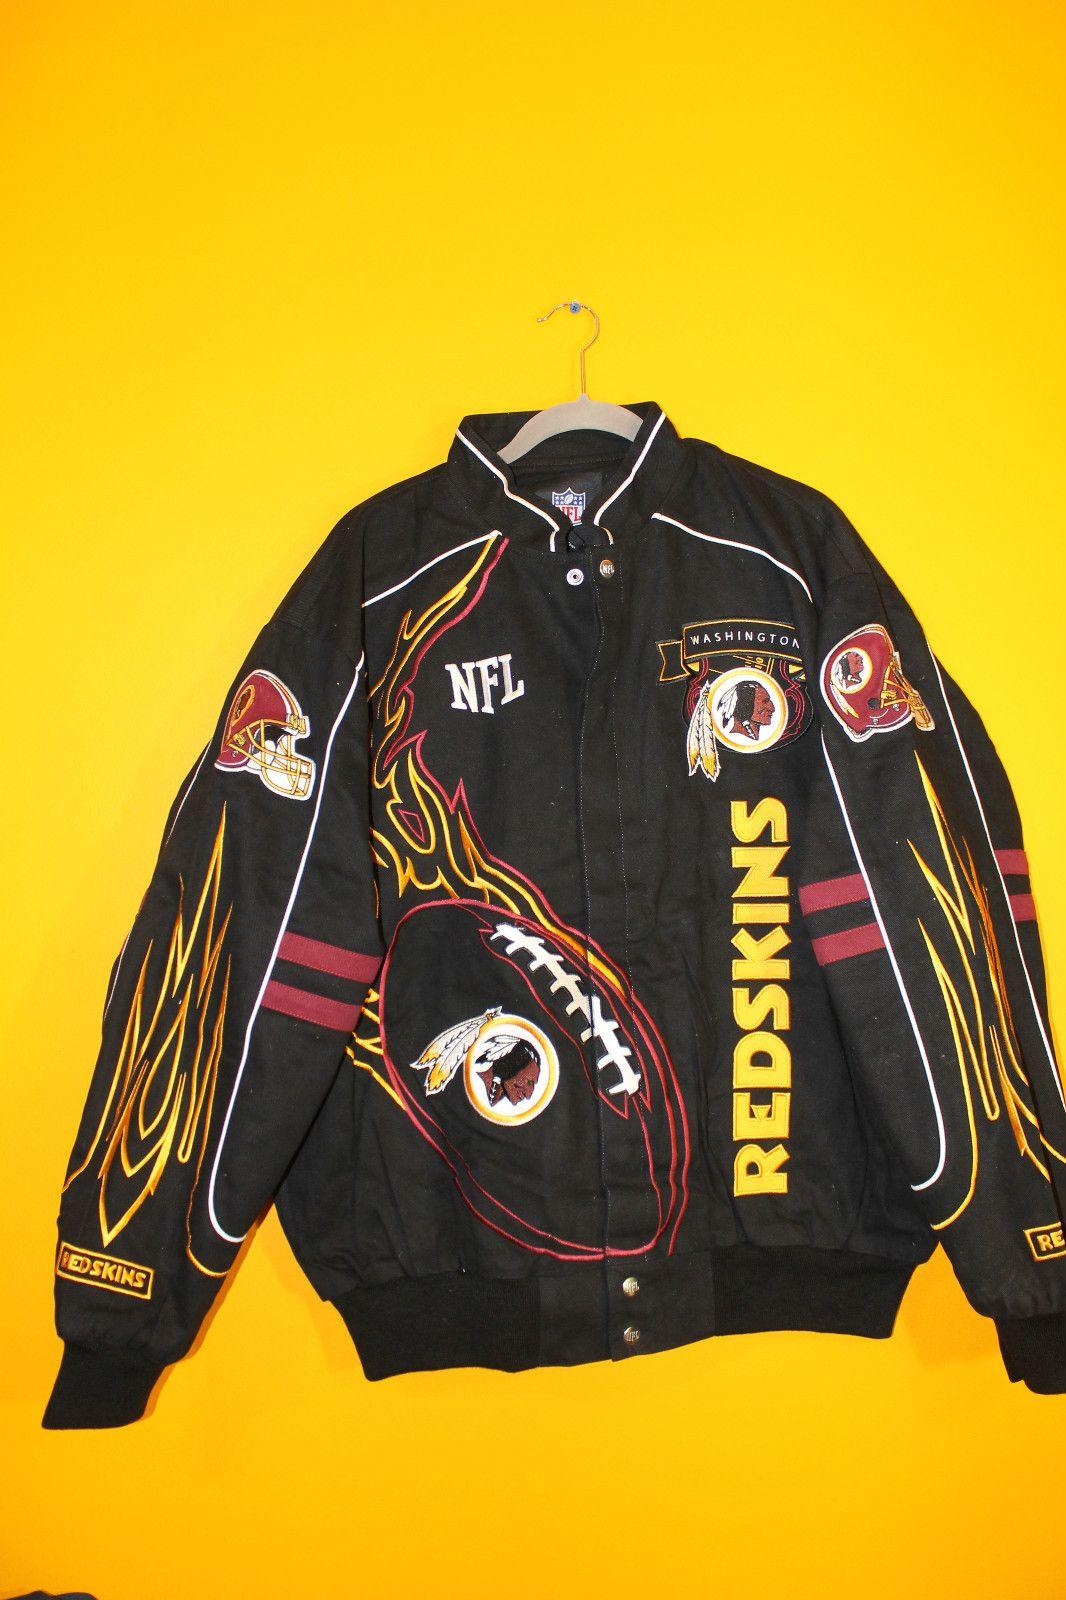 New NFL Washington Redskins Narscar style flame twill